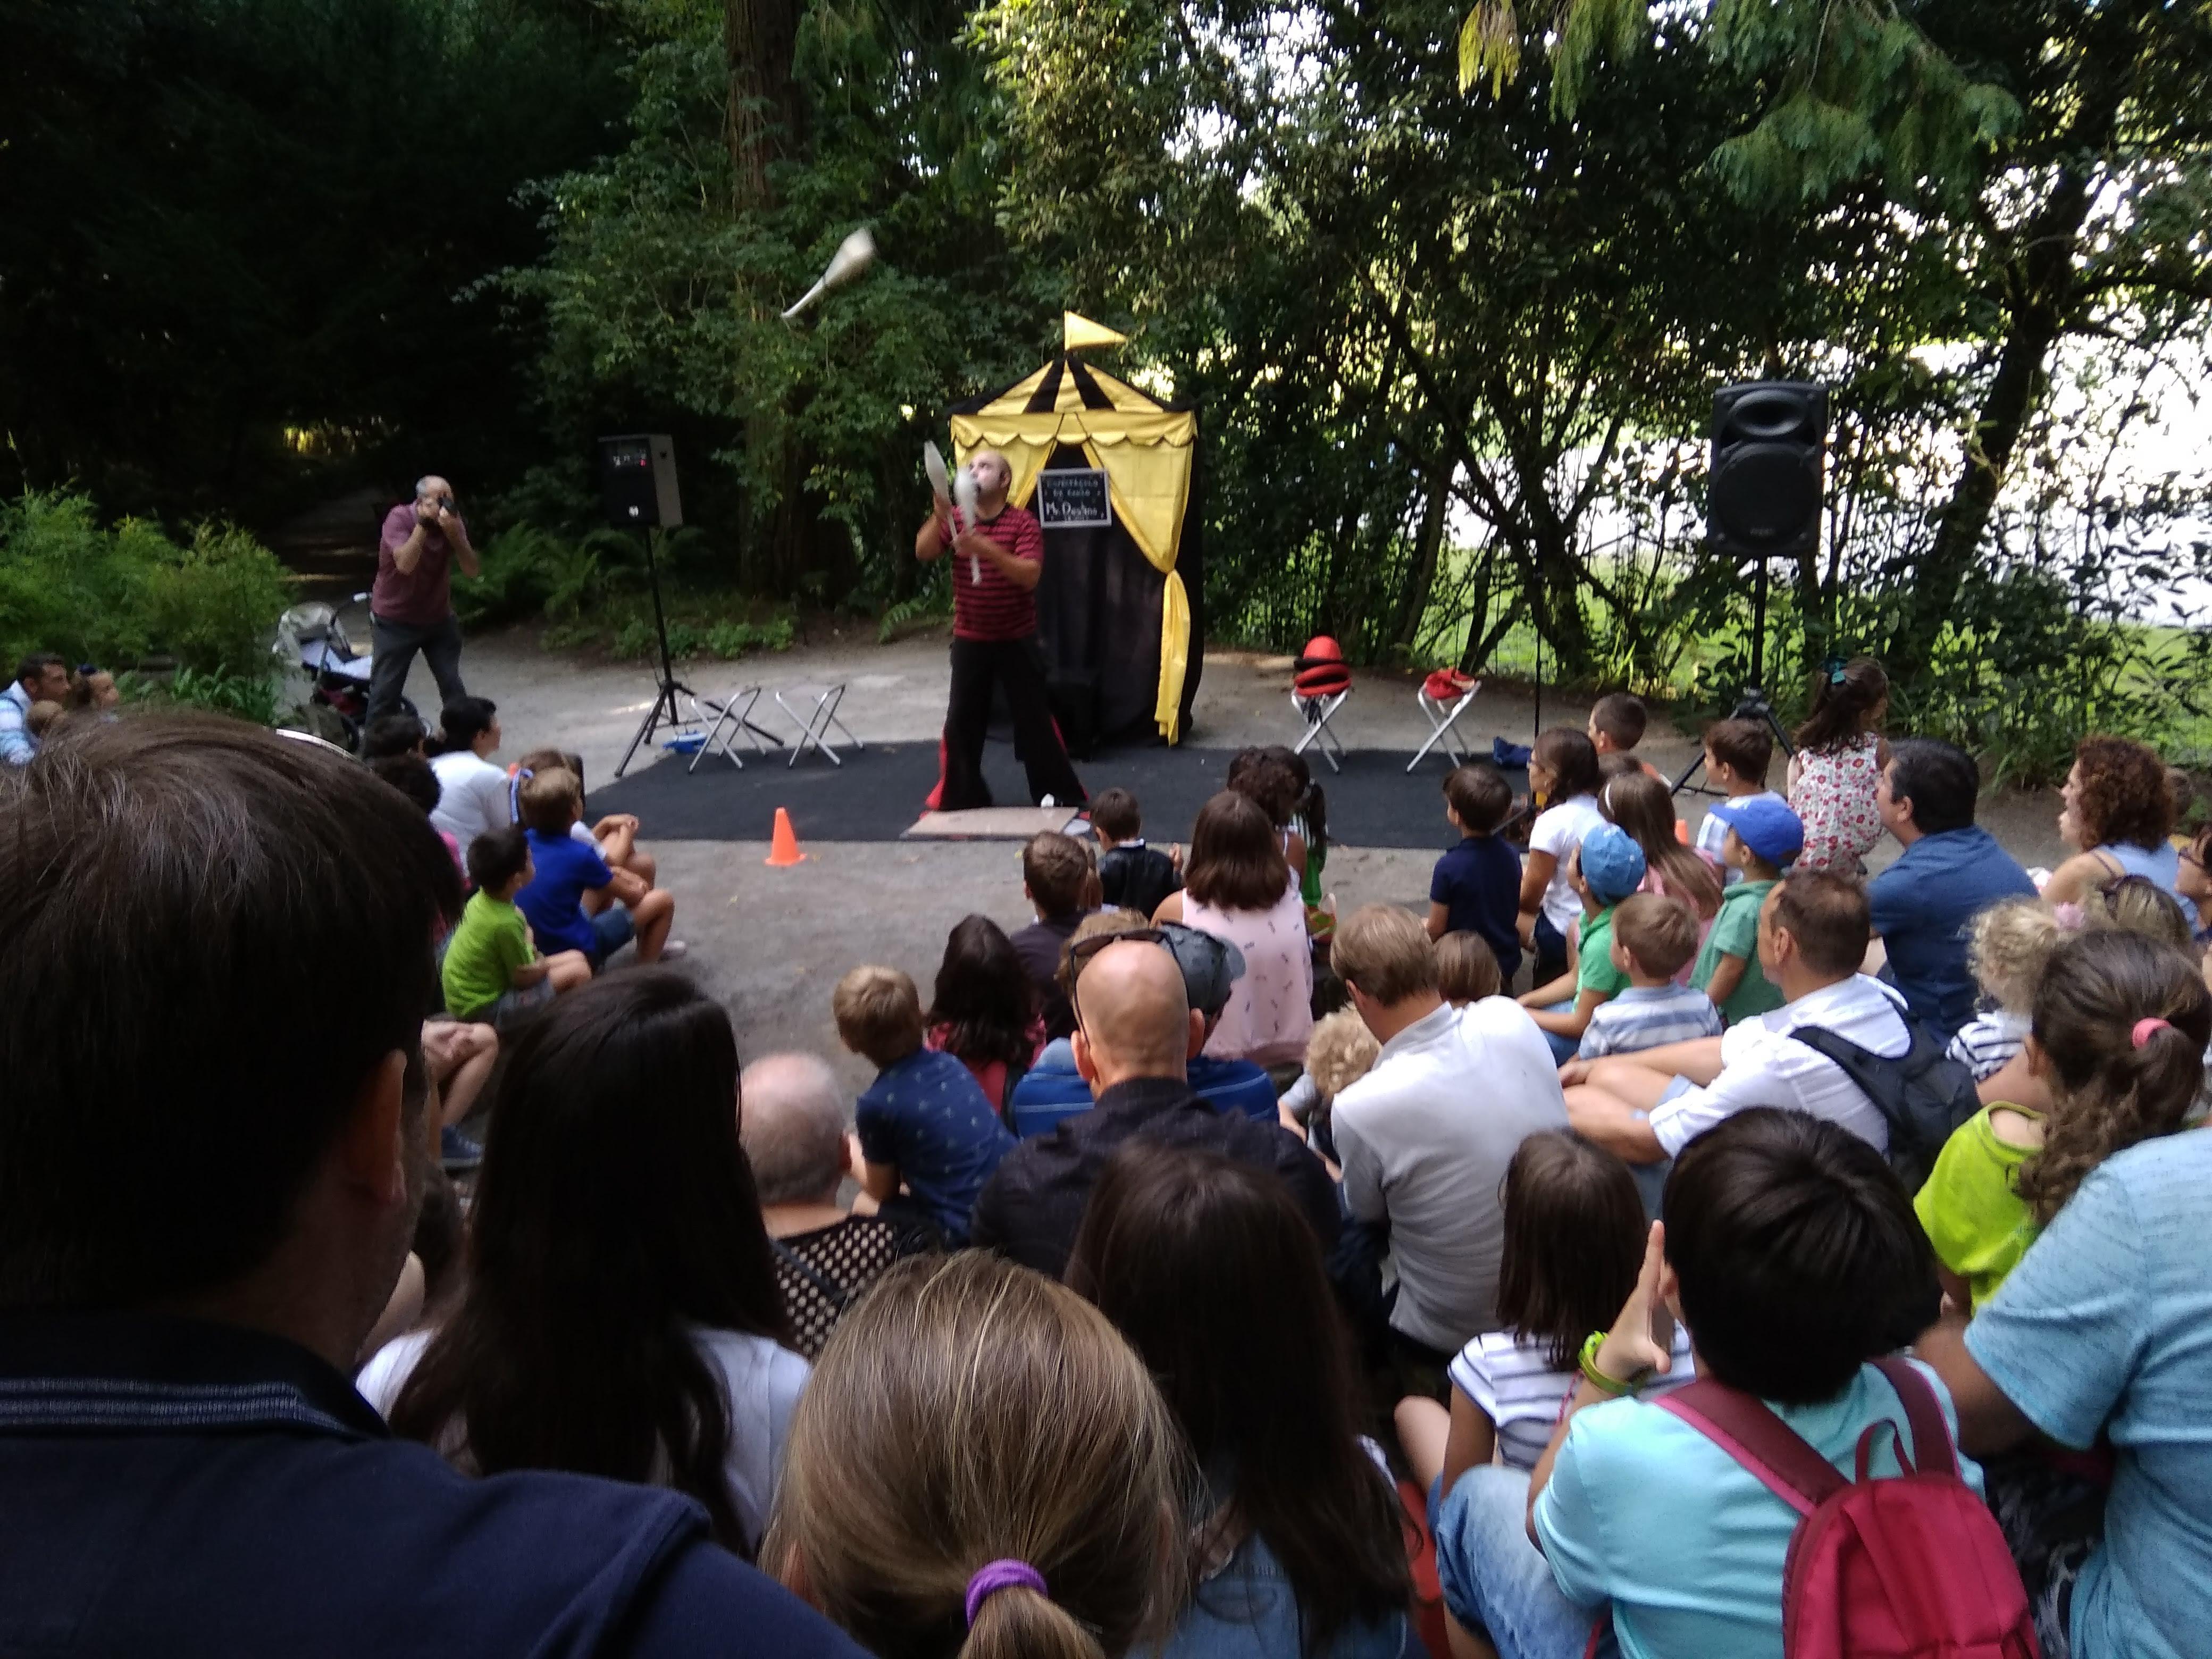 Espectáculo de circo en el jardín de los niños. @Patricia Fernández